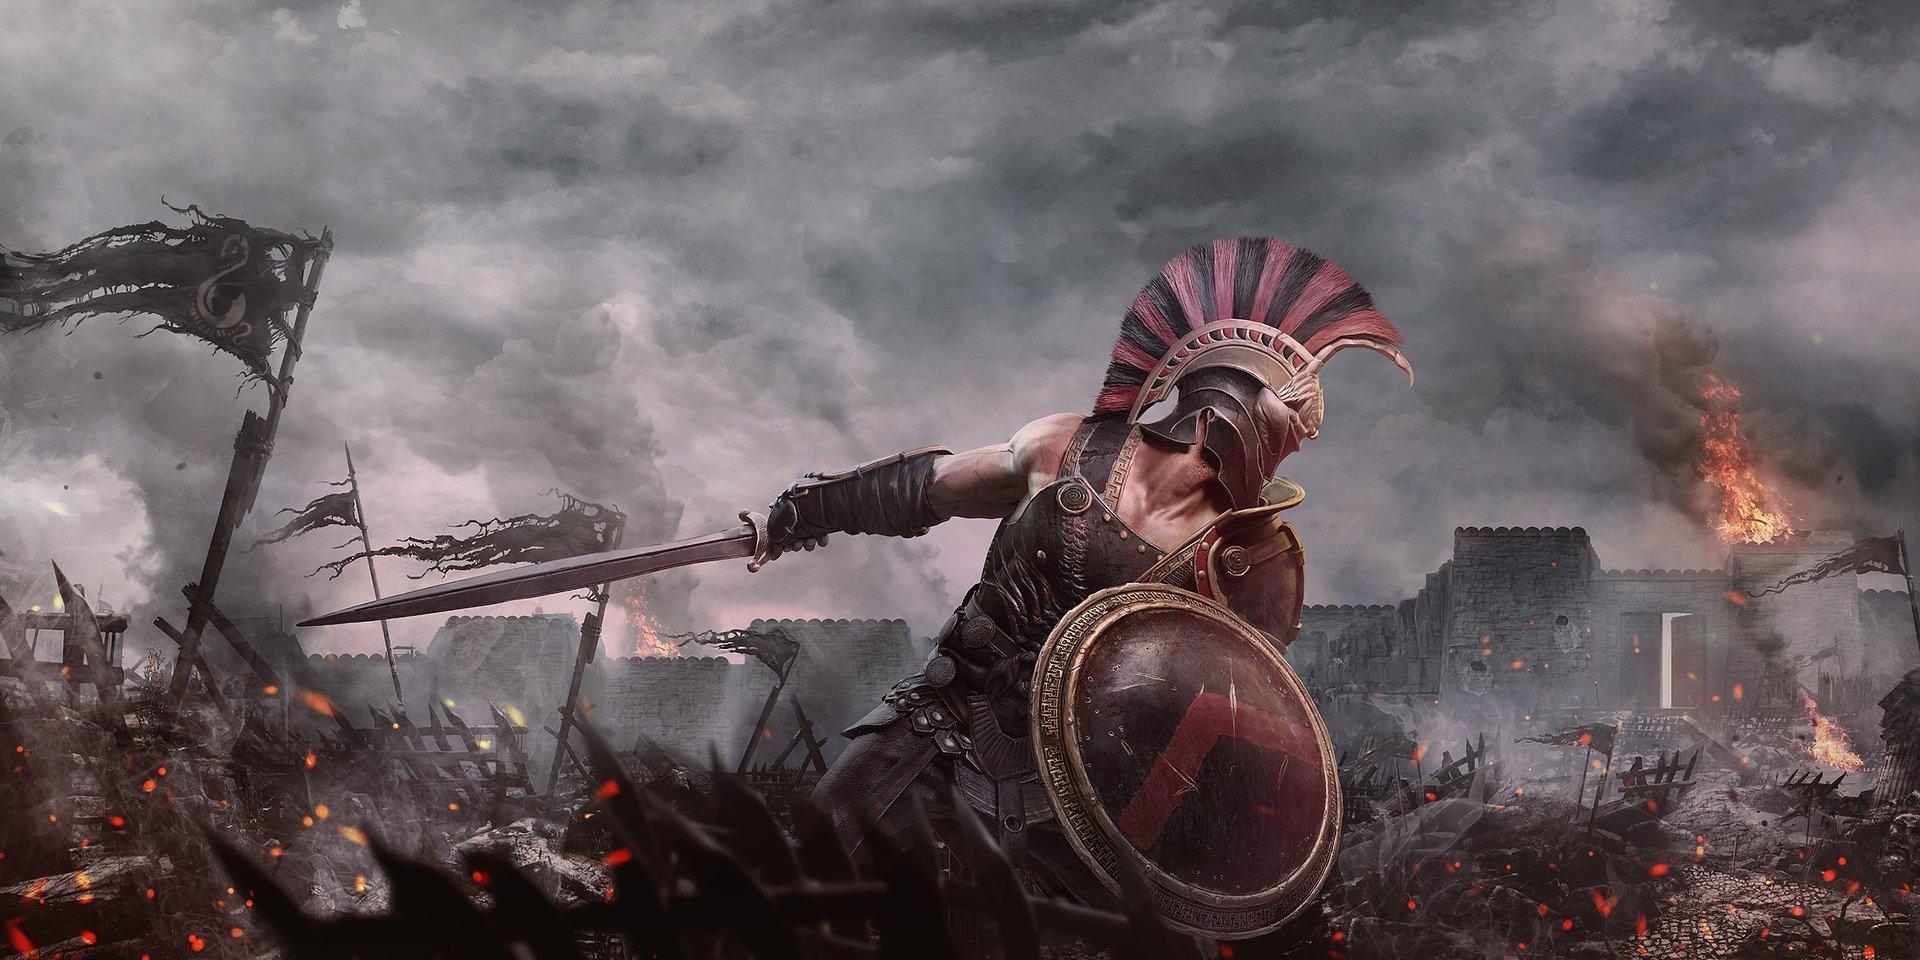 Czas odkryć nieznane karty mitologii! Staw czoła zakusom boga wojny w grze Achilles: Legends Untold i zmierz się z przeznaczeniem